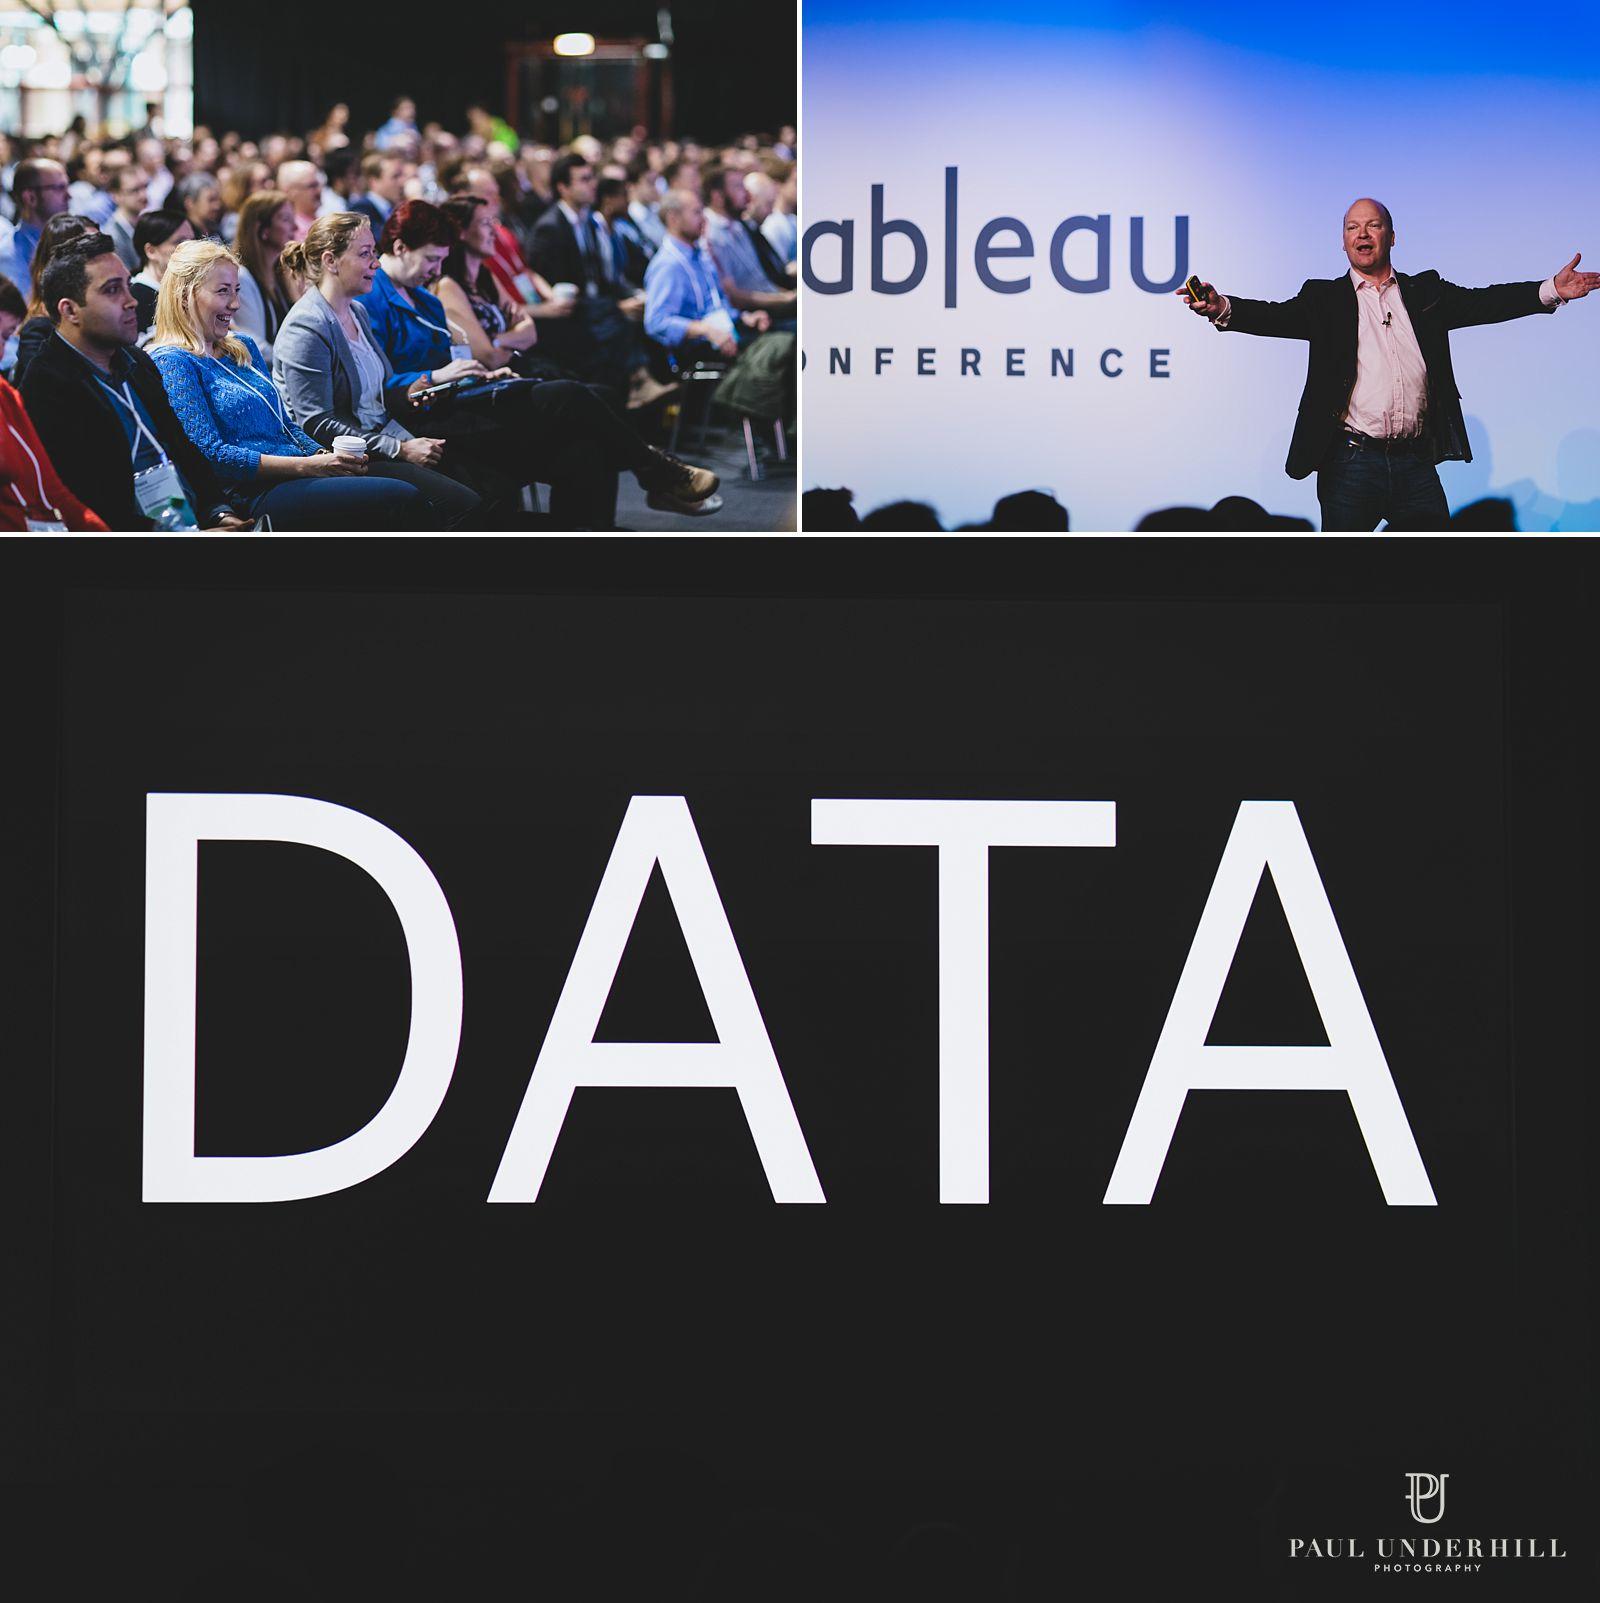 Keynote speaker at London conference